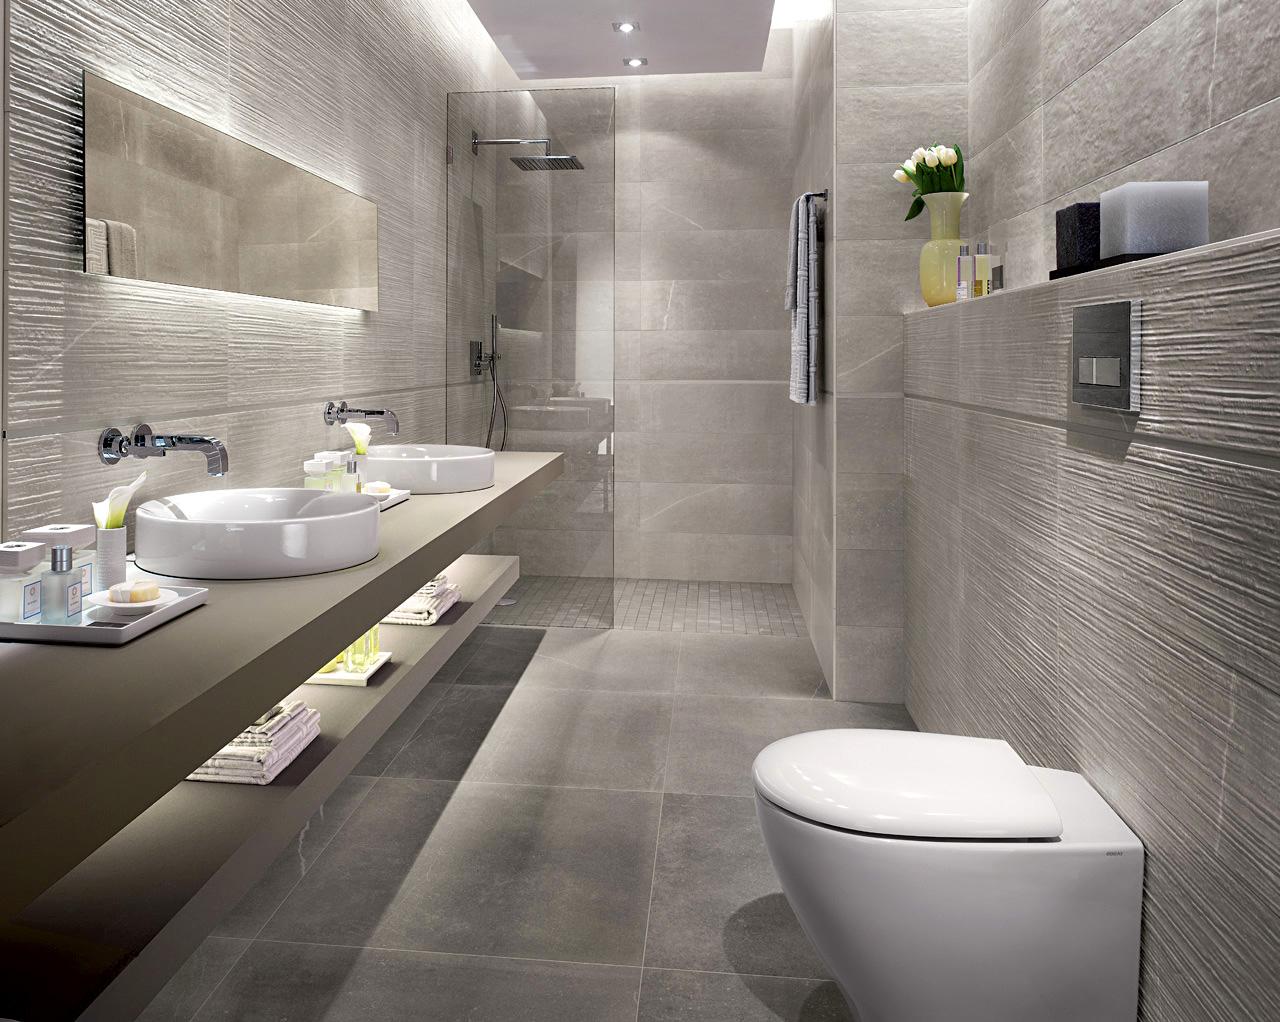 Какую ванну лучше выбрать? ванна - отзывы, фото, цены